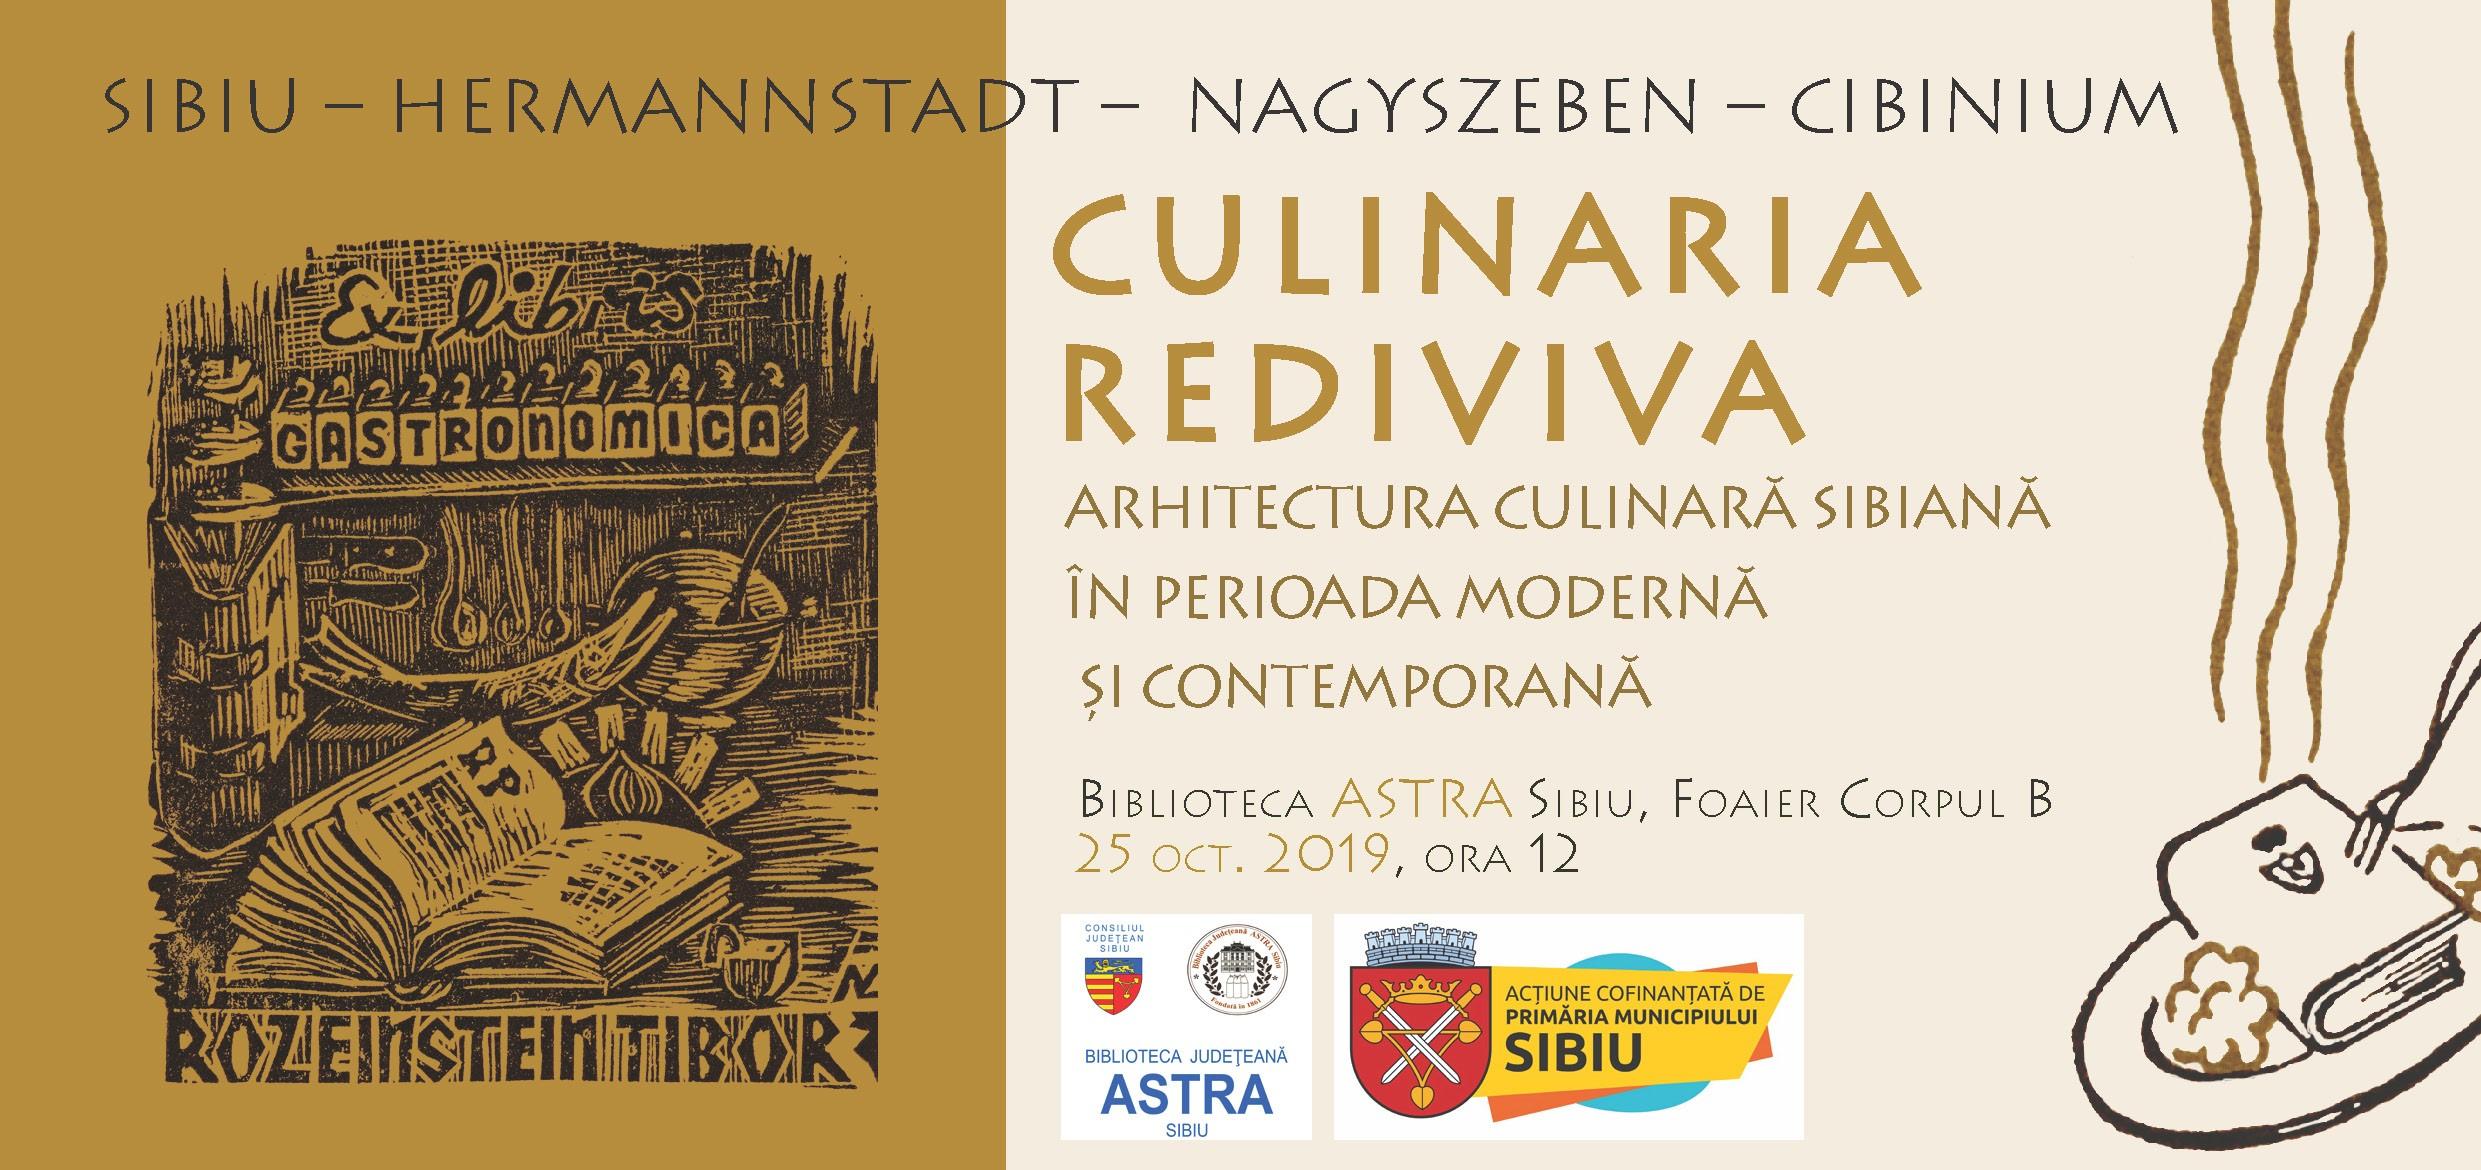 """""""Arhitectură culinară sibiană în perioada modernă și contemporană"""" – expoziție și lansare de album în cadrul proiectului """"Hermannstadt/ Nagyszeben/ Cibinium Culinaria Rediviva"""""""